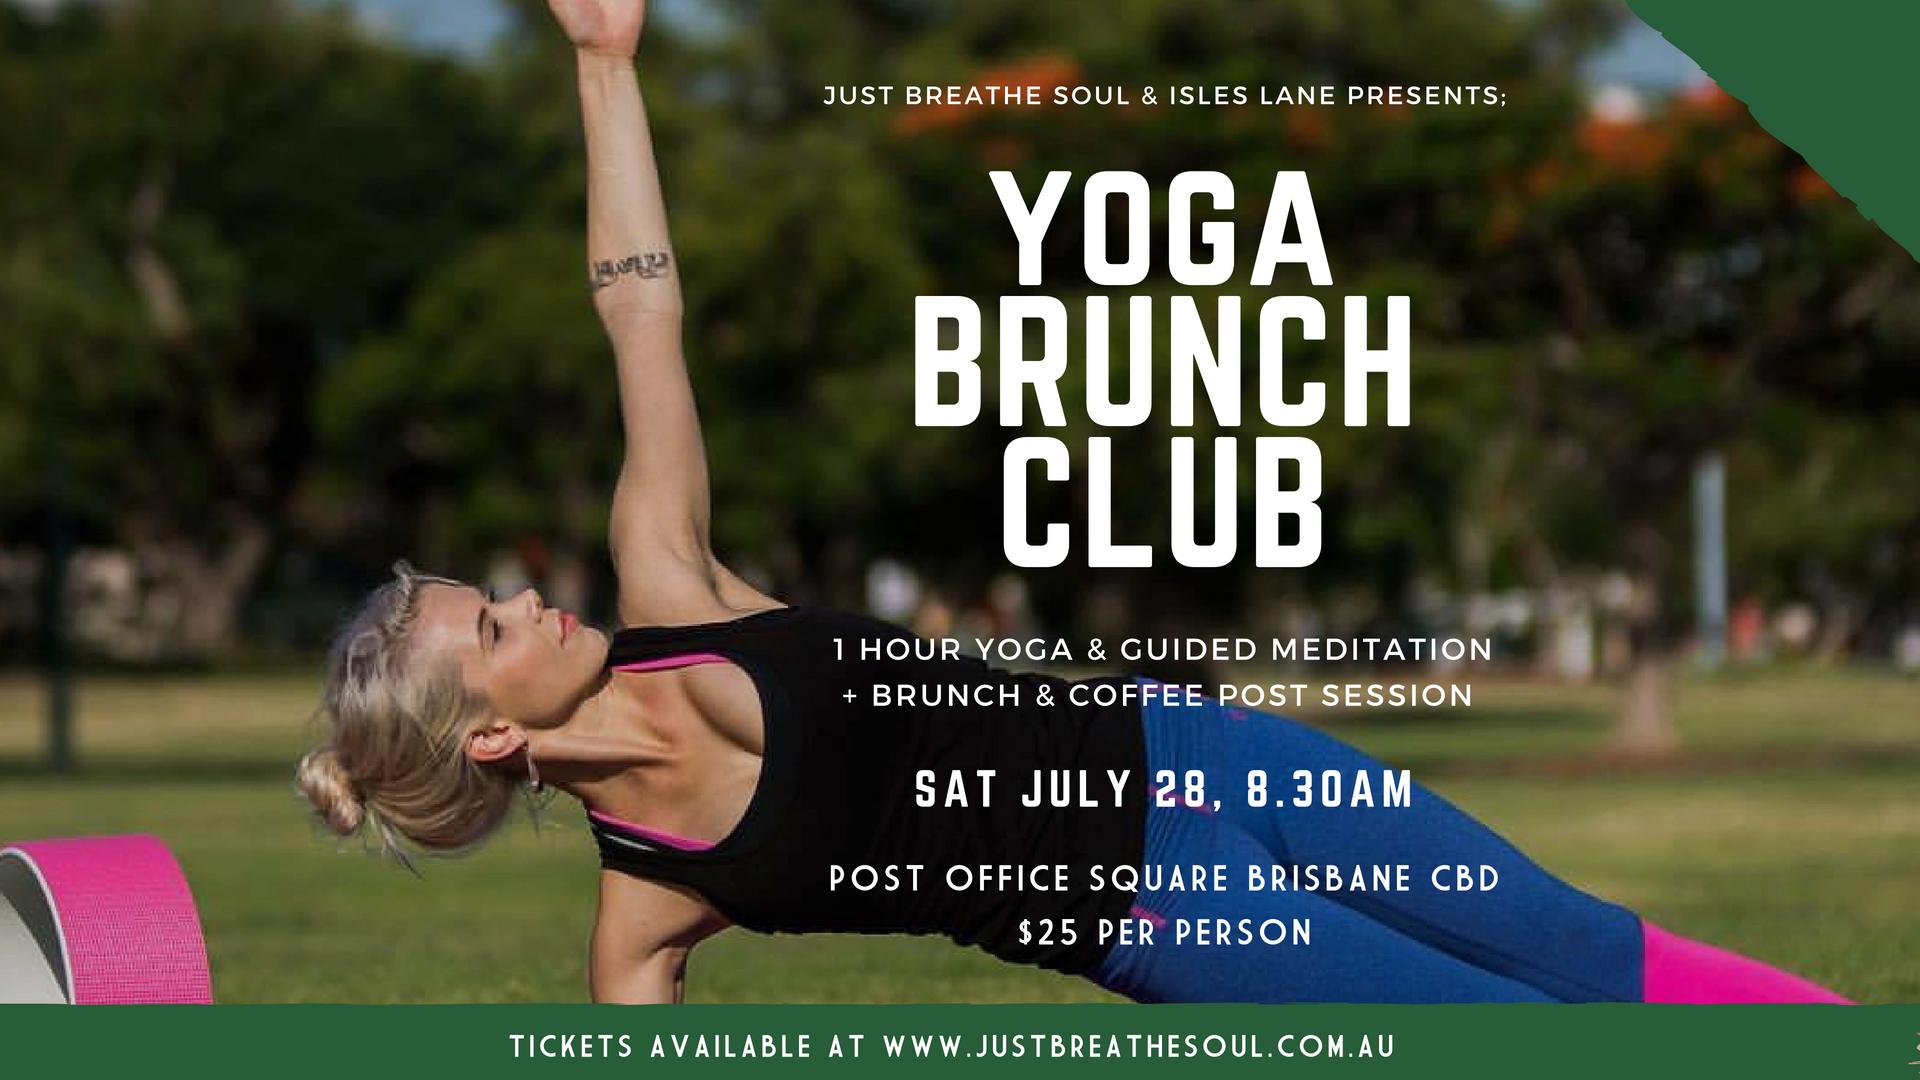 Yoga Brunch Club.jpg